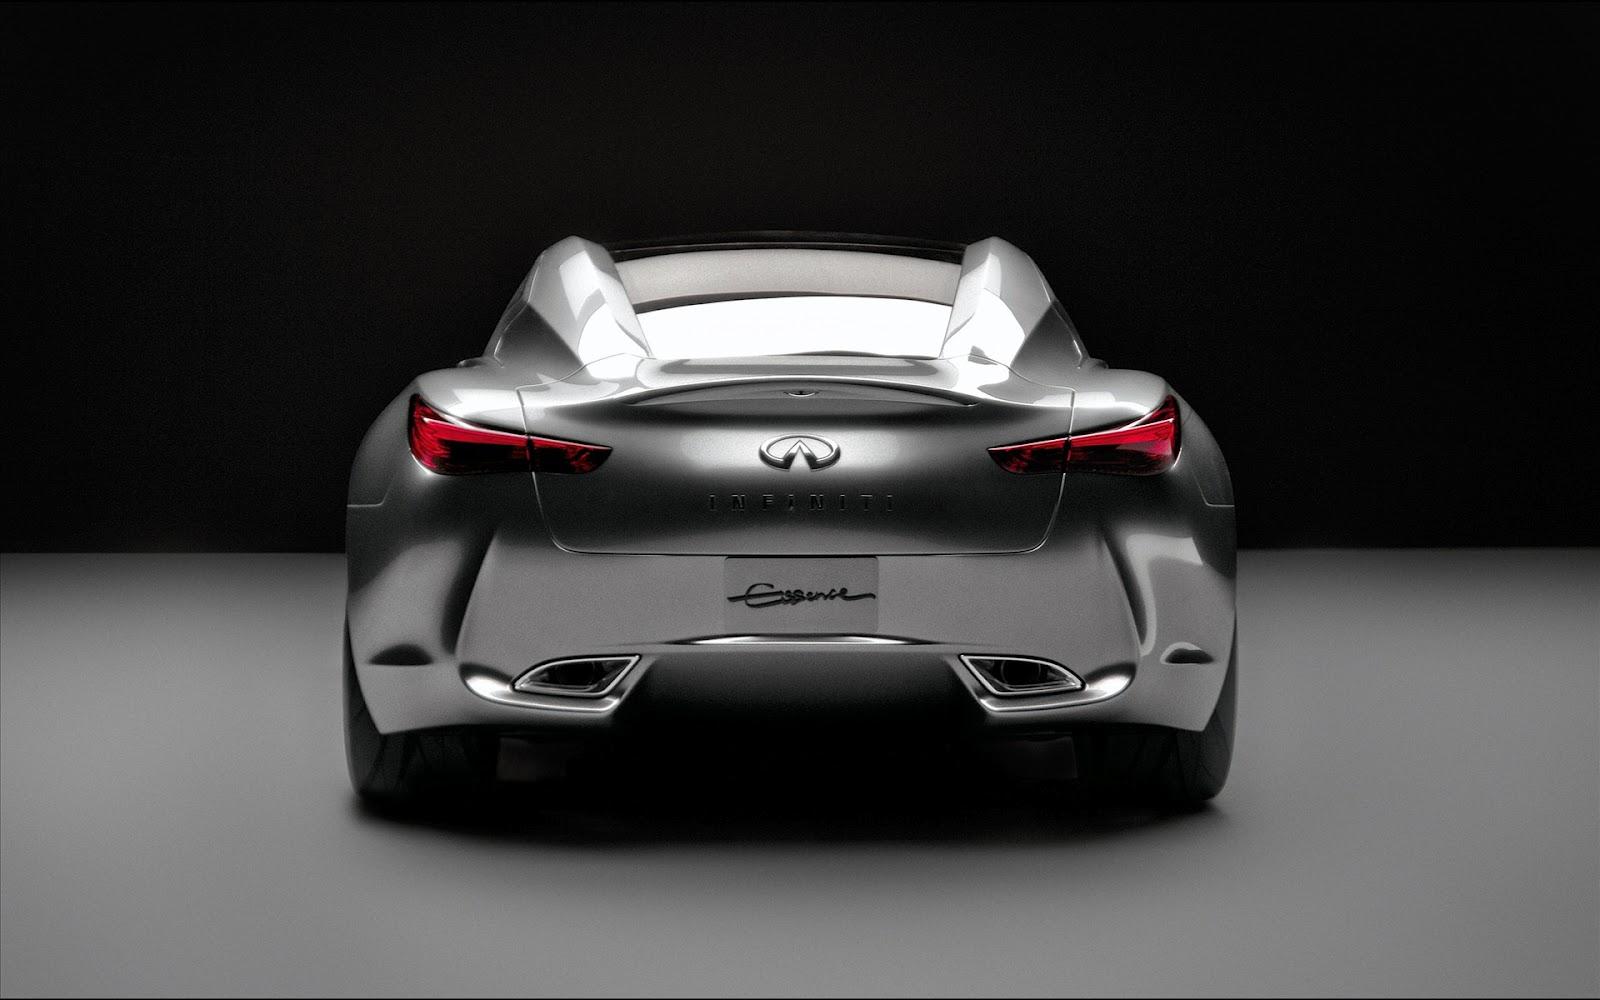 https://1.bp.blogspot.com/-7-YyzCg_brA/T1egeKWUNAI/AAAAAAAAAuM/NxpArsWsJE0/s1600/Amazing+Cars+Wallpapers+%28193%29.jpg